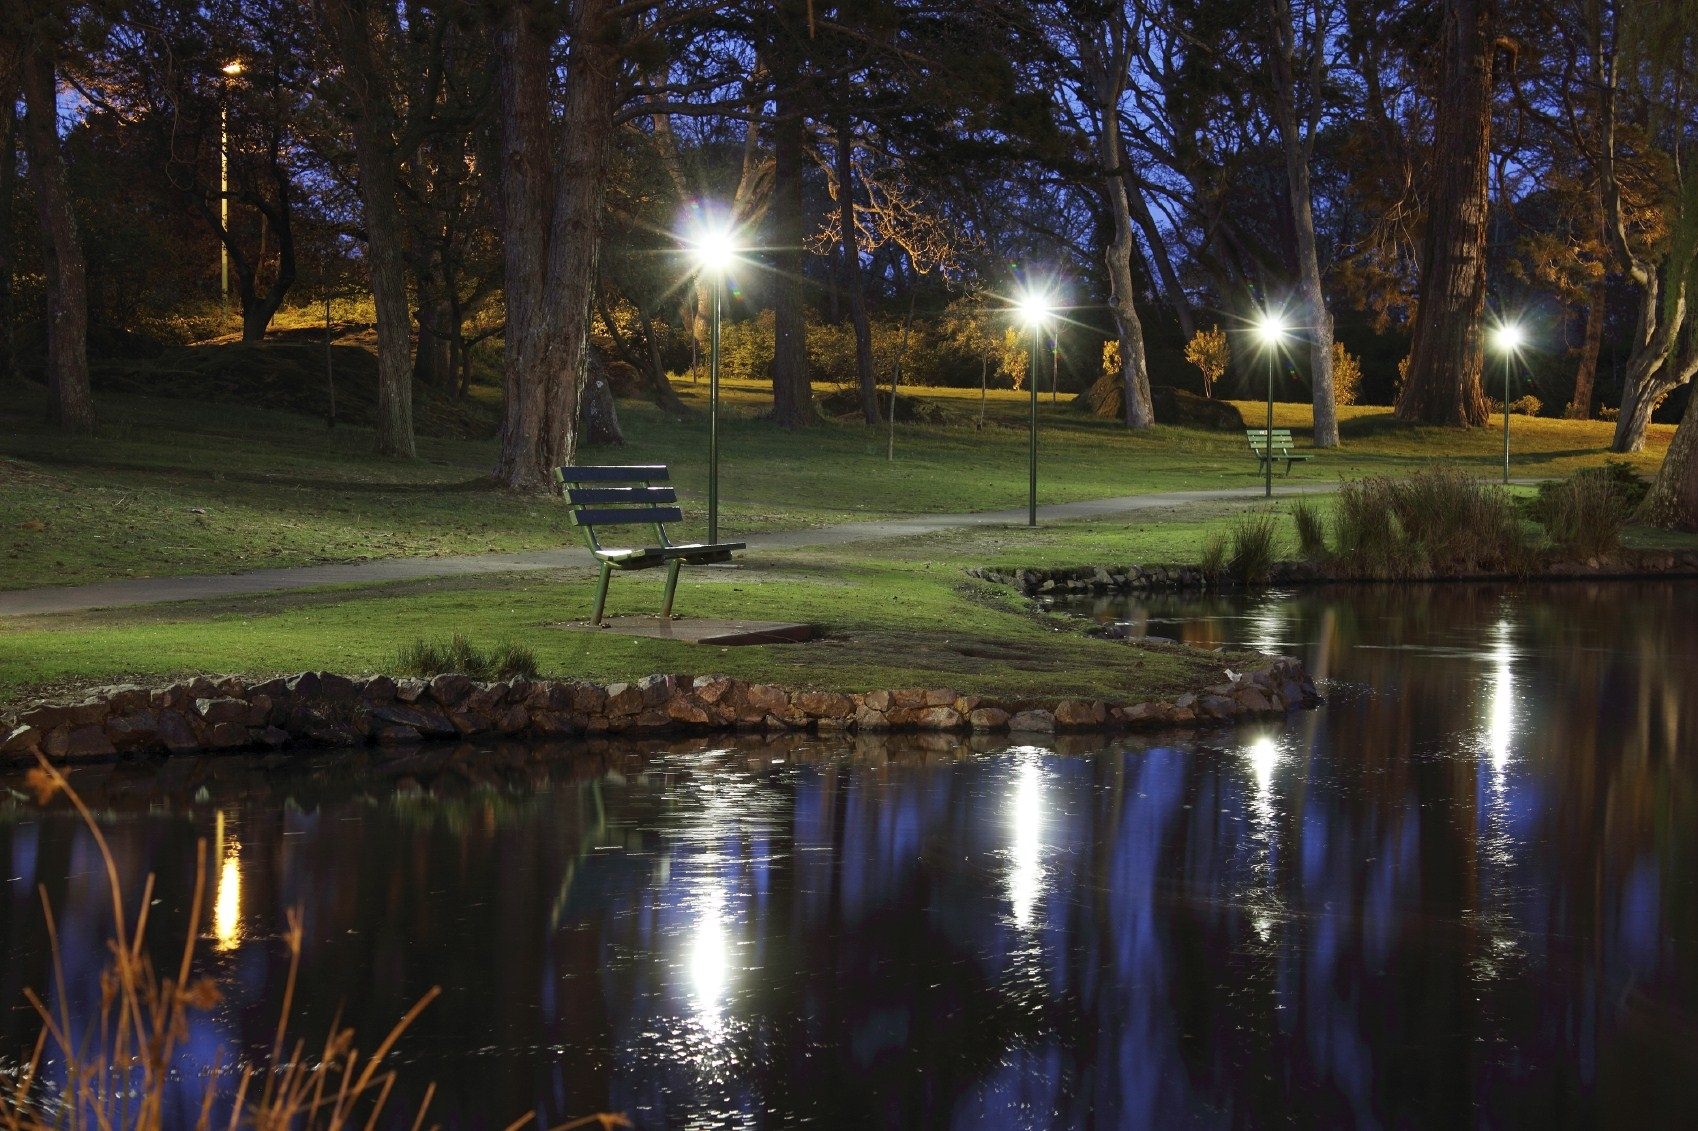 Luci per il giardino illuminazione giardino luci giardino for Illuminazione da giardino a led